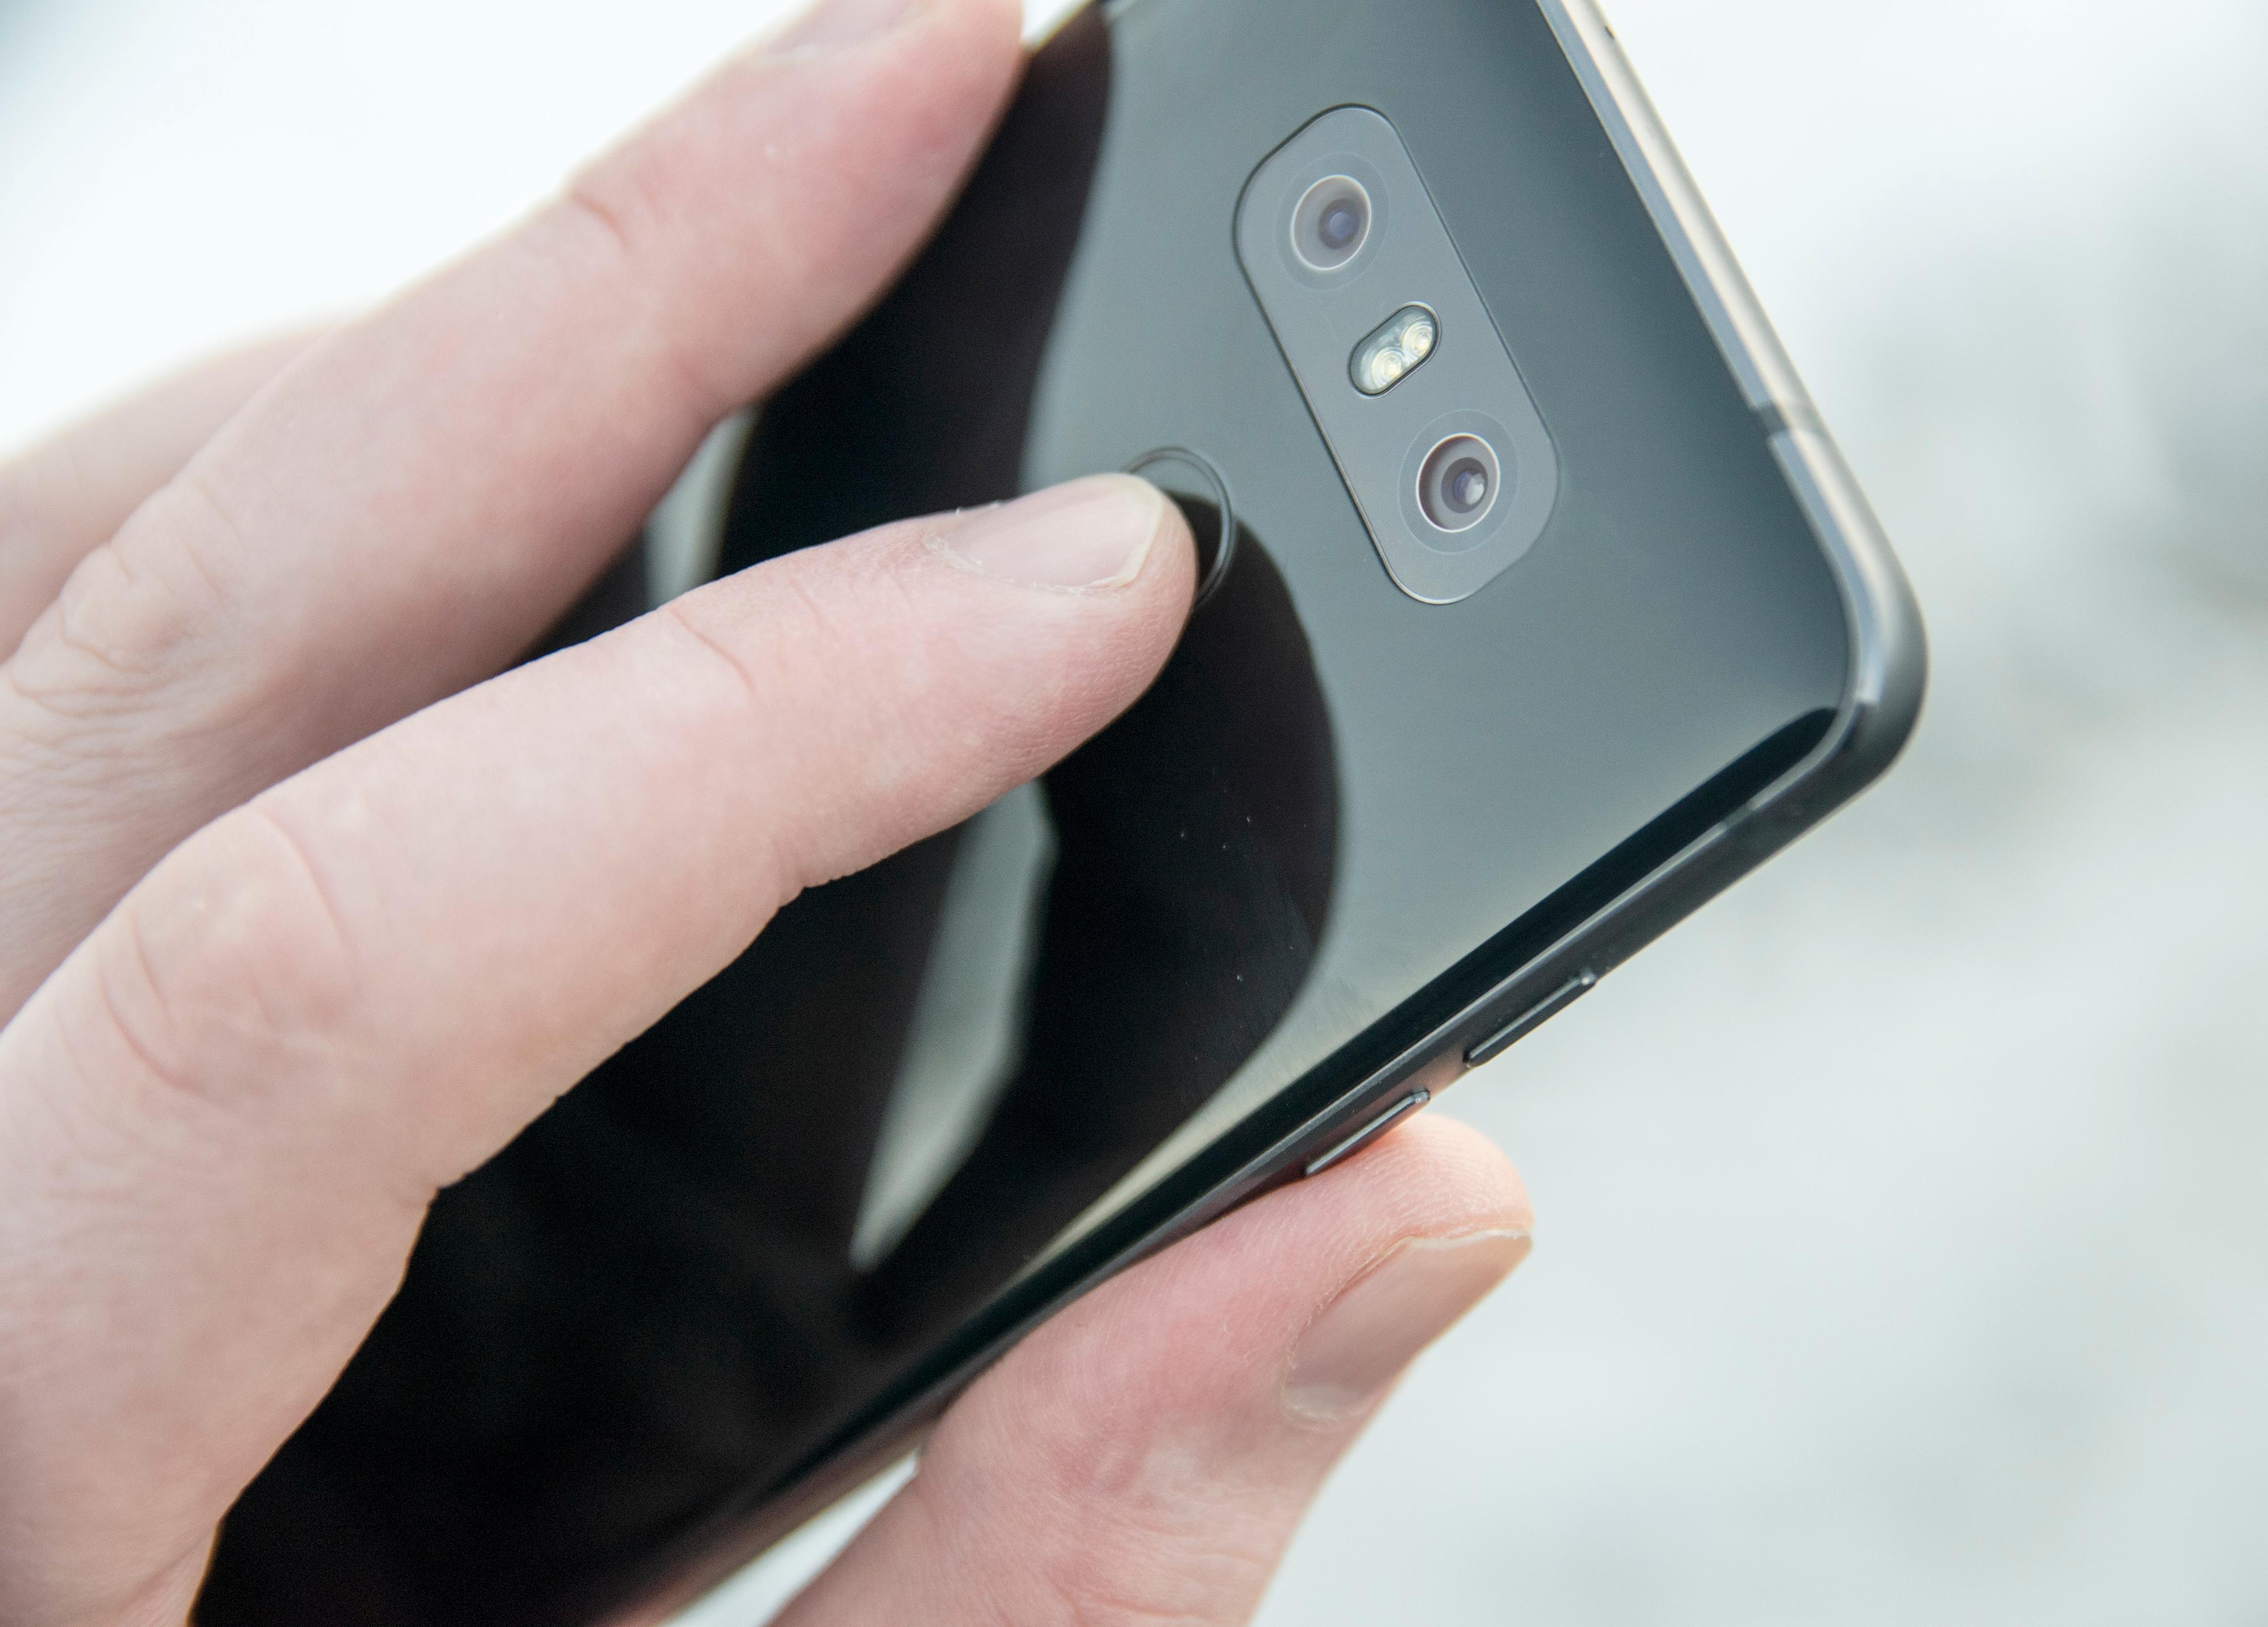 Hjemknapp og fingerleser i ett. LGs G-modeller begynte tidlig med dette, mens mange av konkurrentene etter hvert har eksperimentert med fingerleser bak på telefonen.